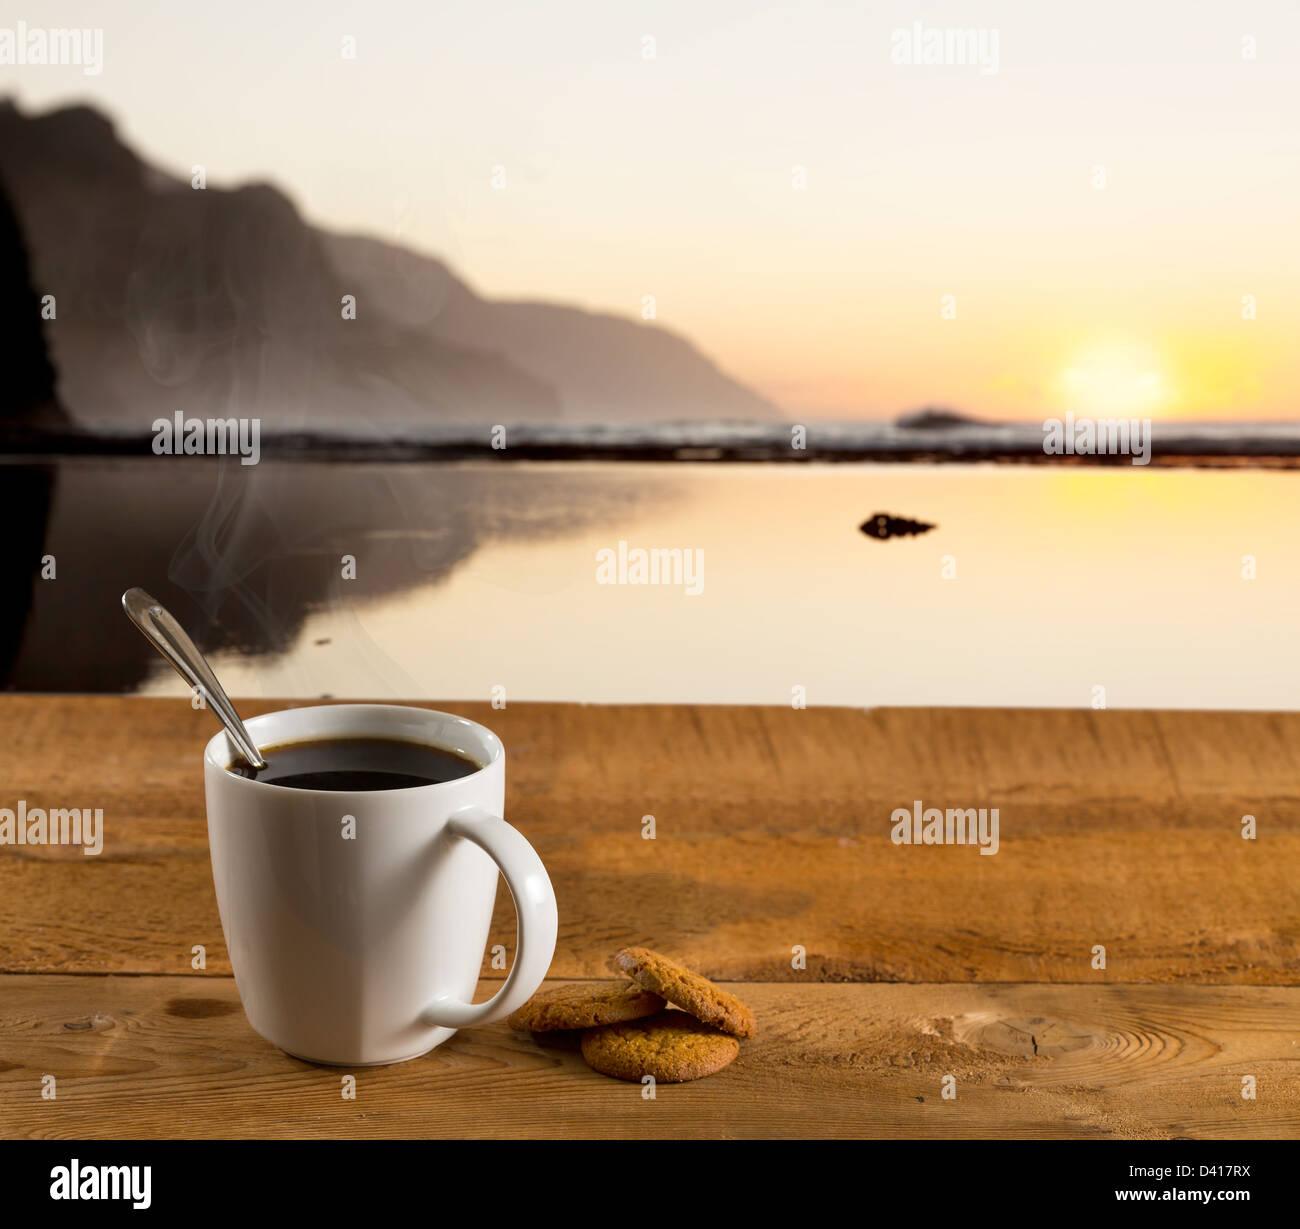 Taza de café en una mesa al atardecer o al amanecer con vistas a un precioso paisaje Imagen De Stock